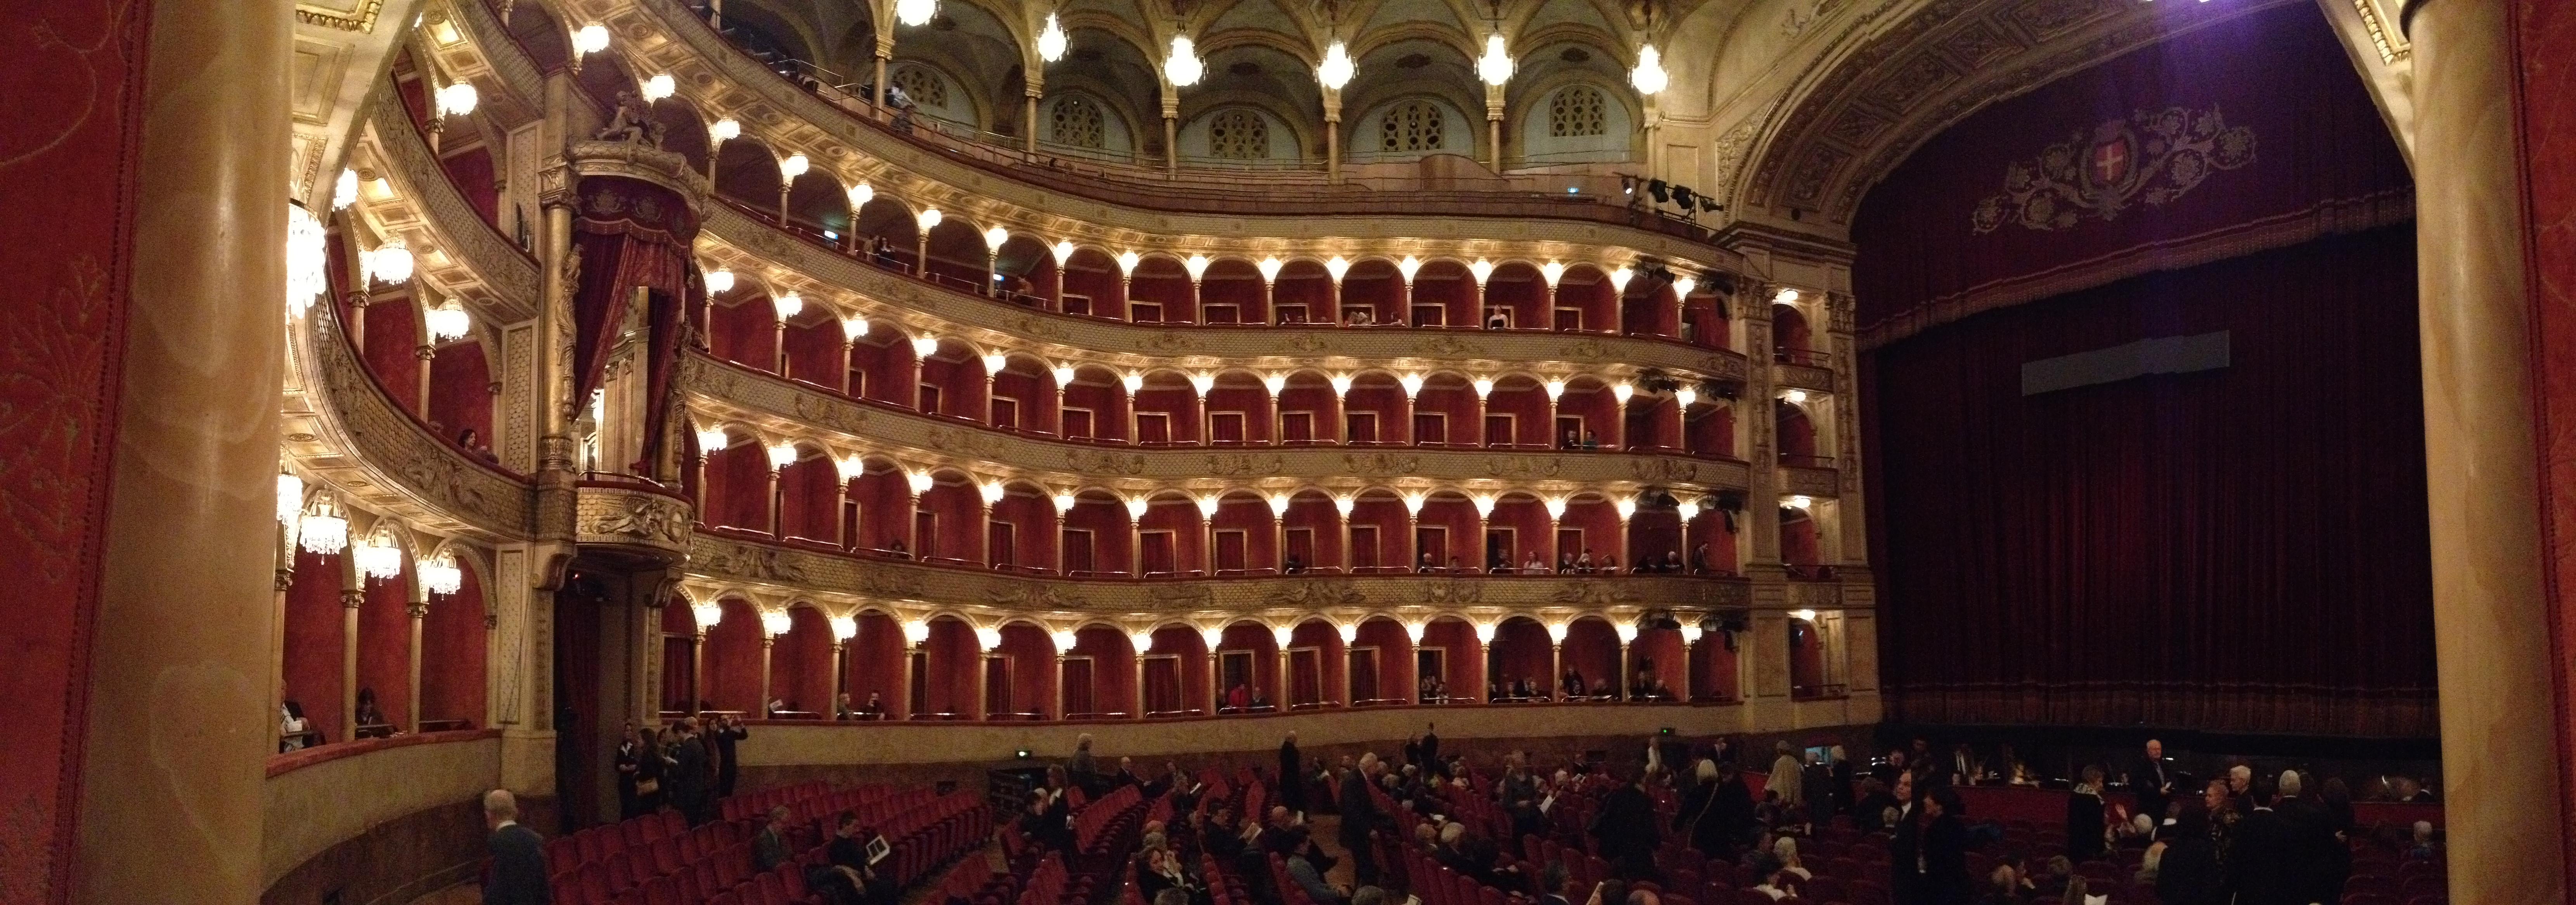 teatro dell opera l 39 opera in casa